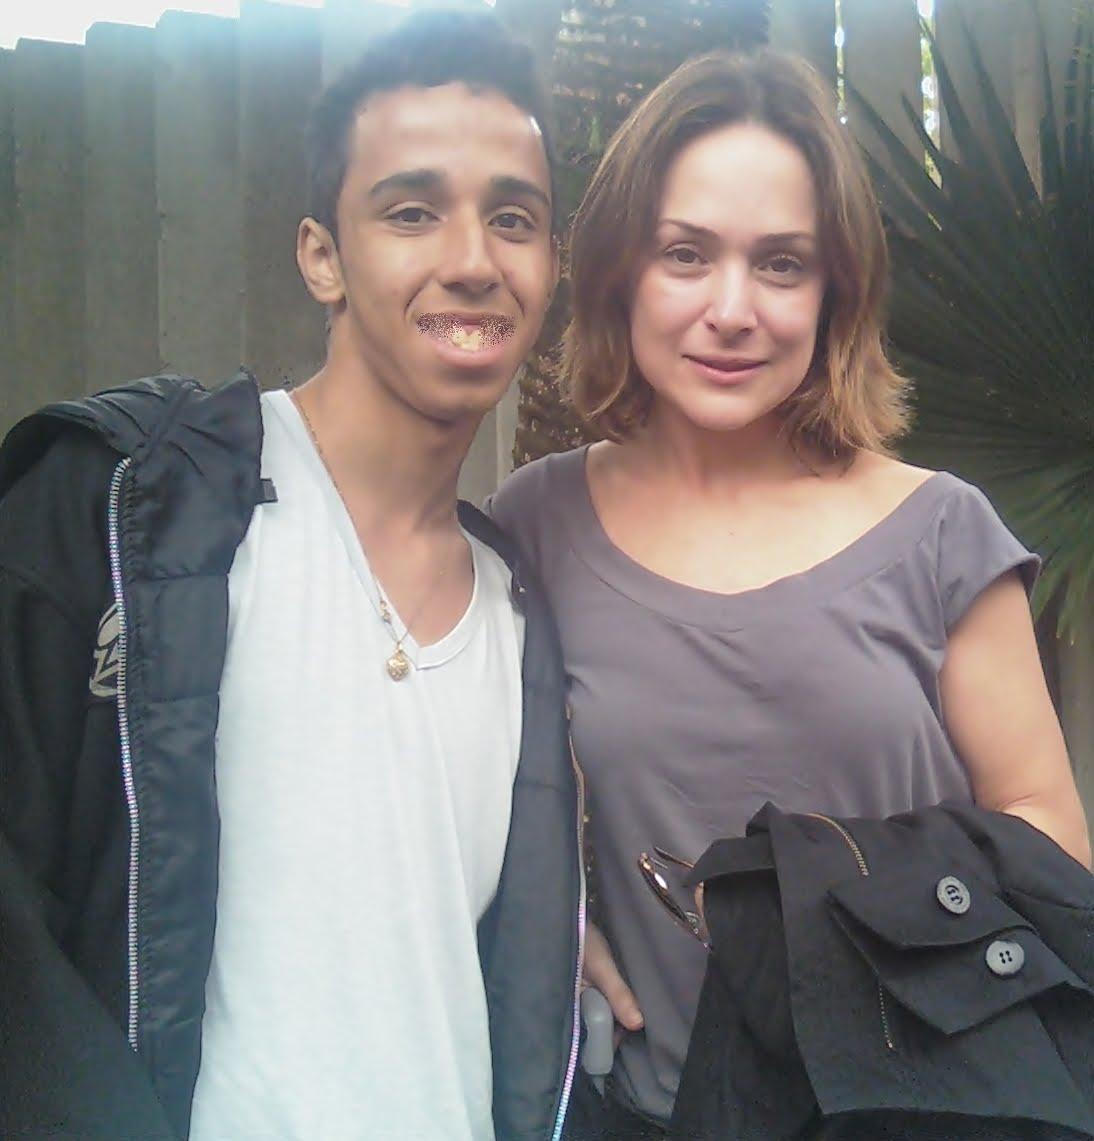 http://4.bp.blogspot.com/_8OaFSv65Pbk/TFrYG9qw1qI/AAAAAAAAAZY/A6L7Yx7oFMk/s1600/Gabriela+duarte.jpg